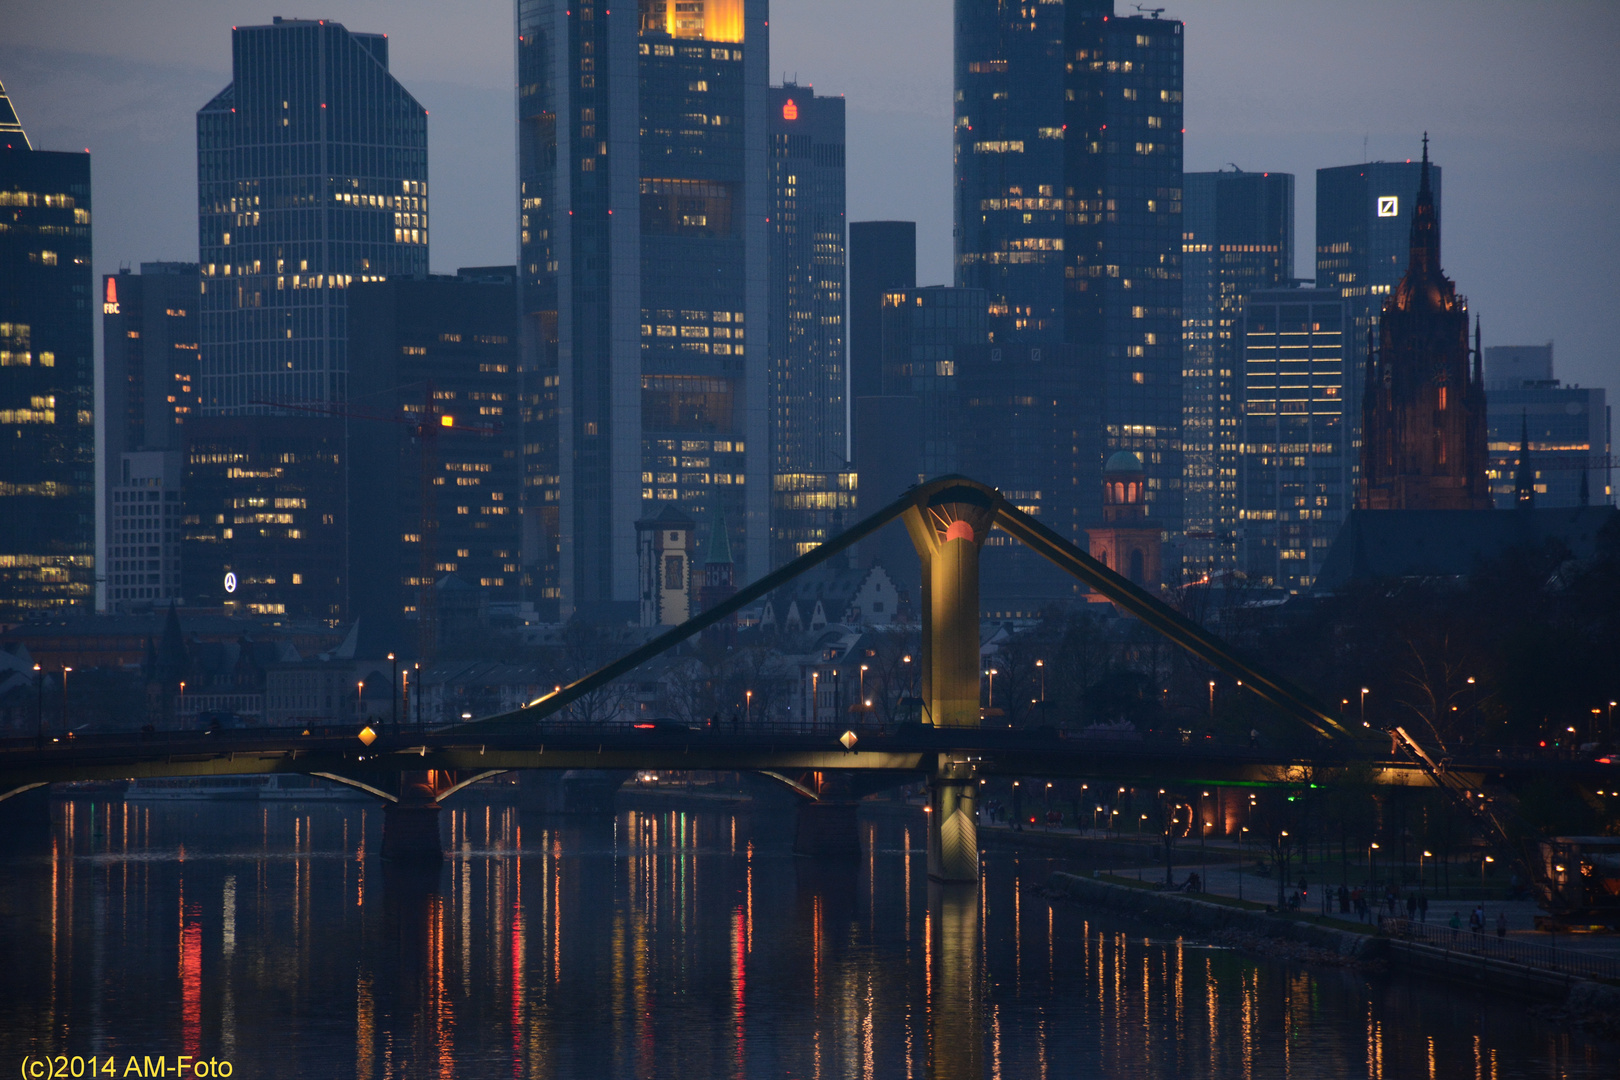 FFM Skyline kompakt während der Luminale 2014